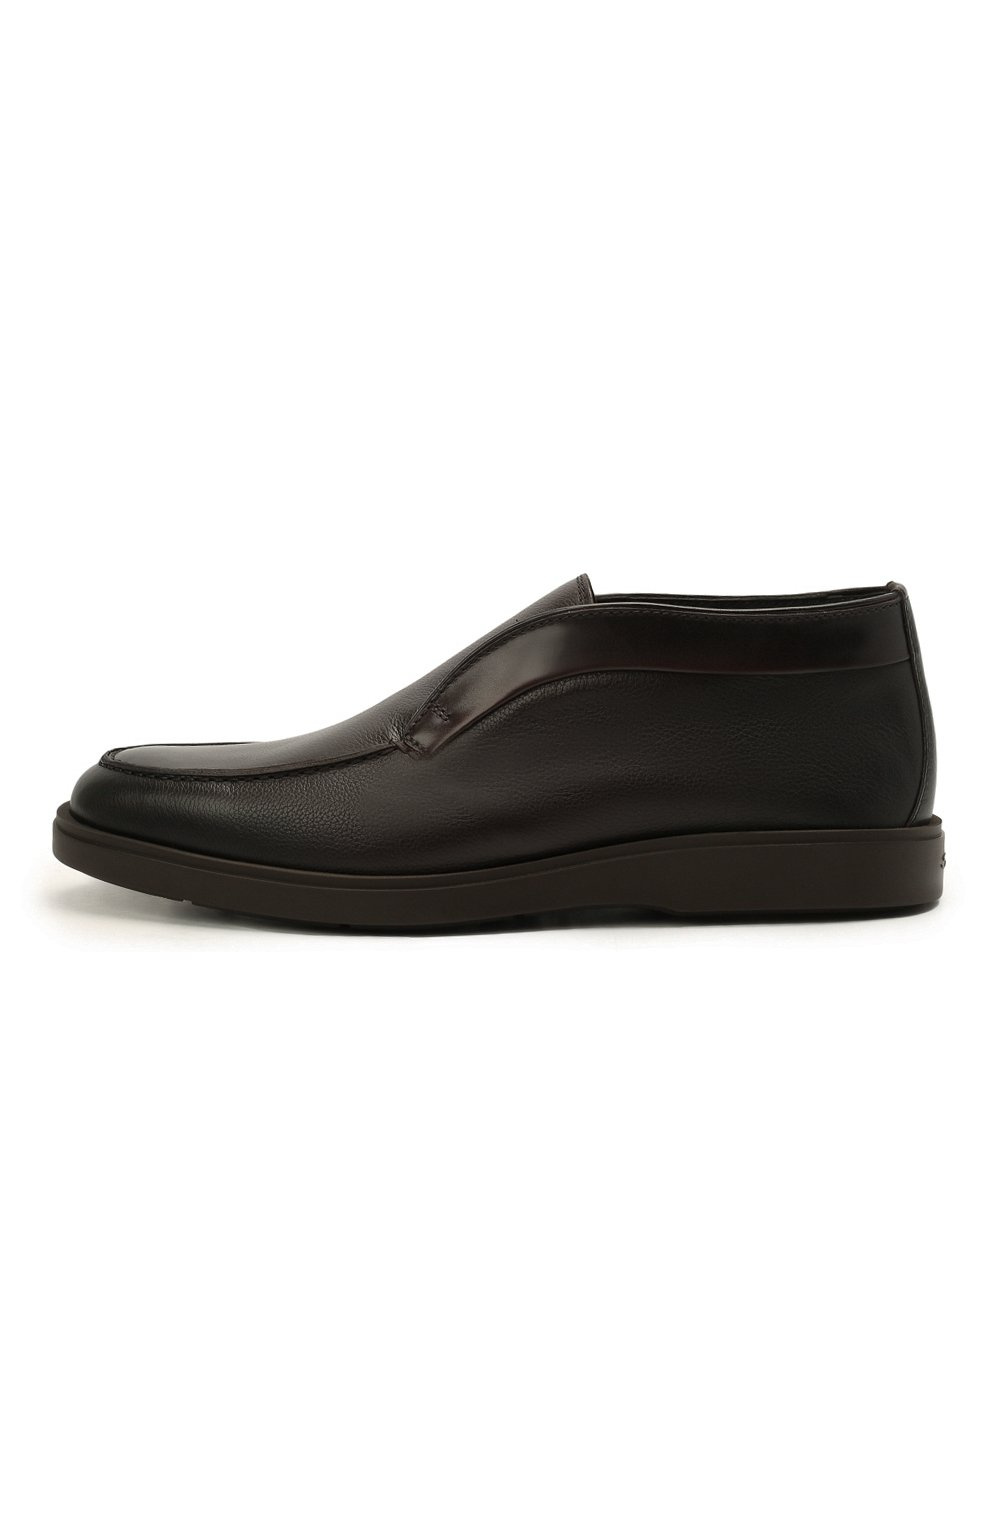 Мужские кожаные ботинки SANTONI темно-коричневого цвета, арт. MGDG17823DATANWLT50 | Фото 3 (Мужское Кросс-КТ: Ботинки-обувь, зимние ботинки; Подошва: Плоская)